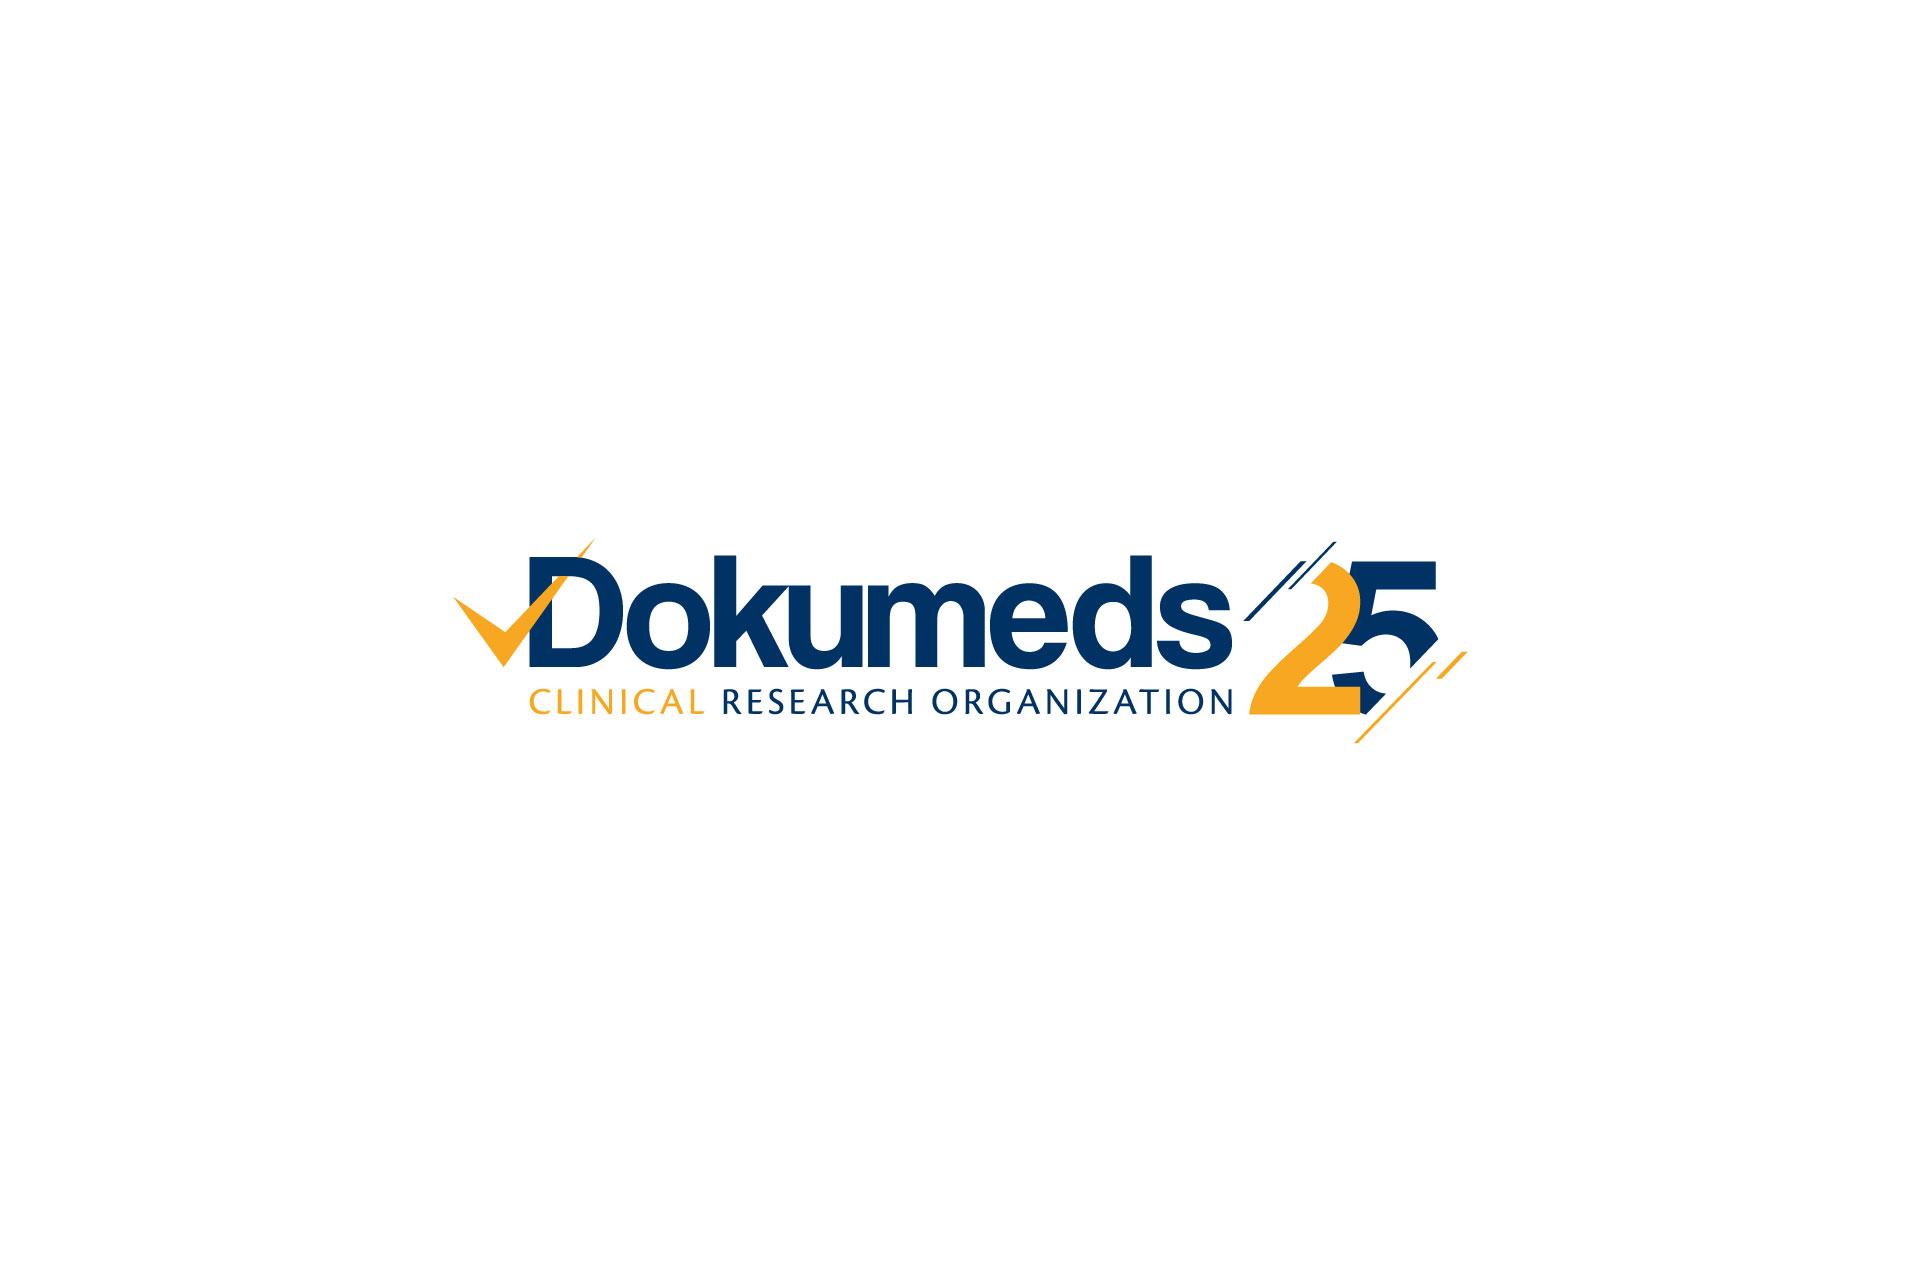 Dokumeds-25_logo